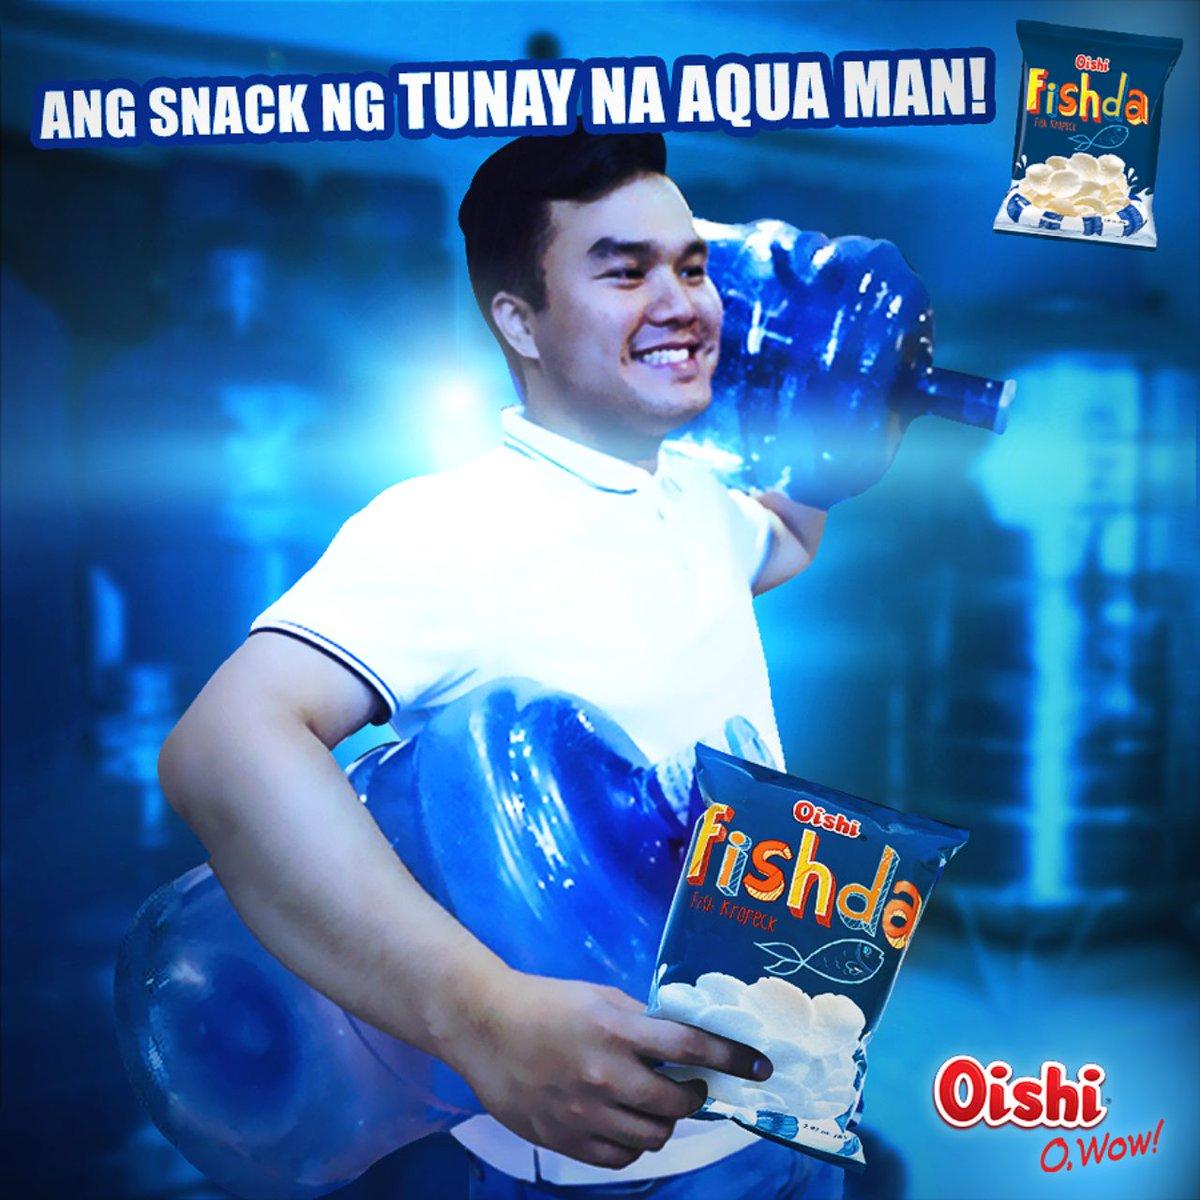 Ang Kapitbahay 2003 Tagalog Movie oishi (@oishi_tweets) | twitter